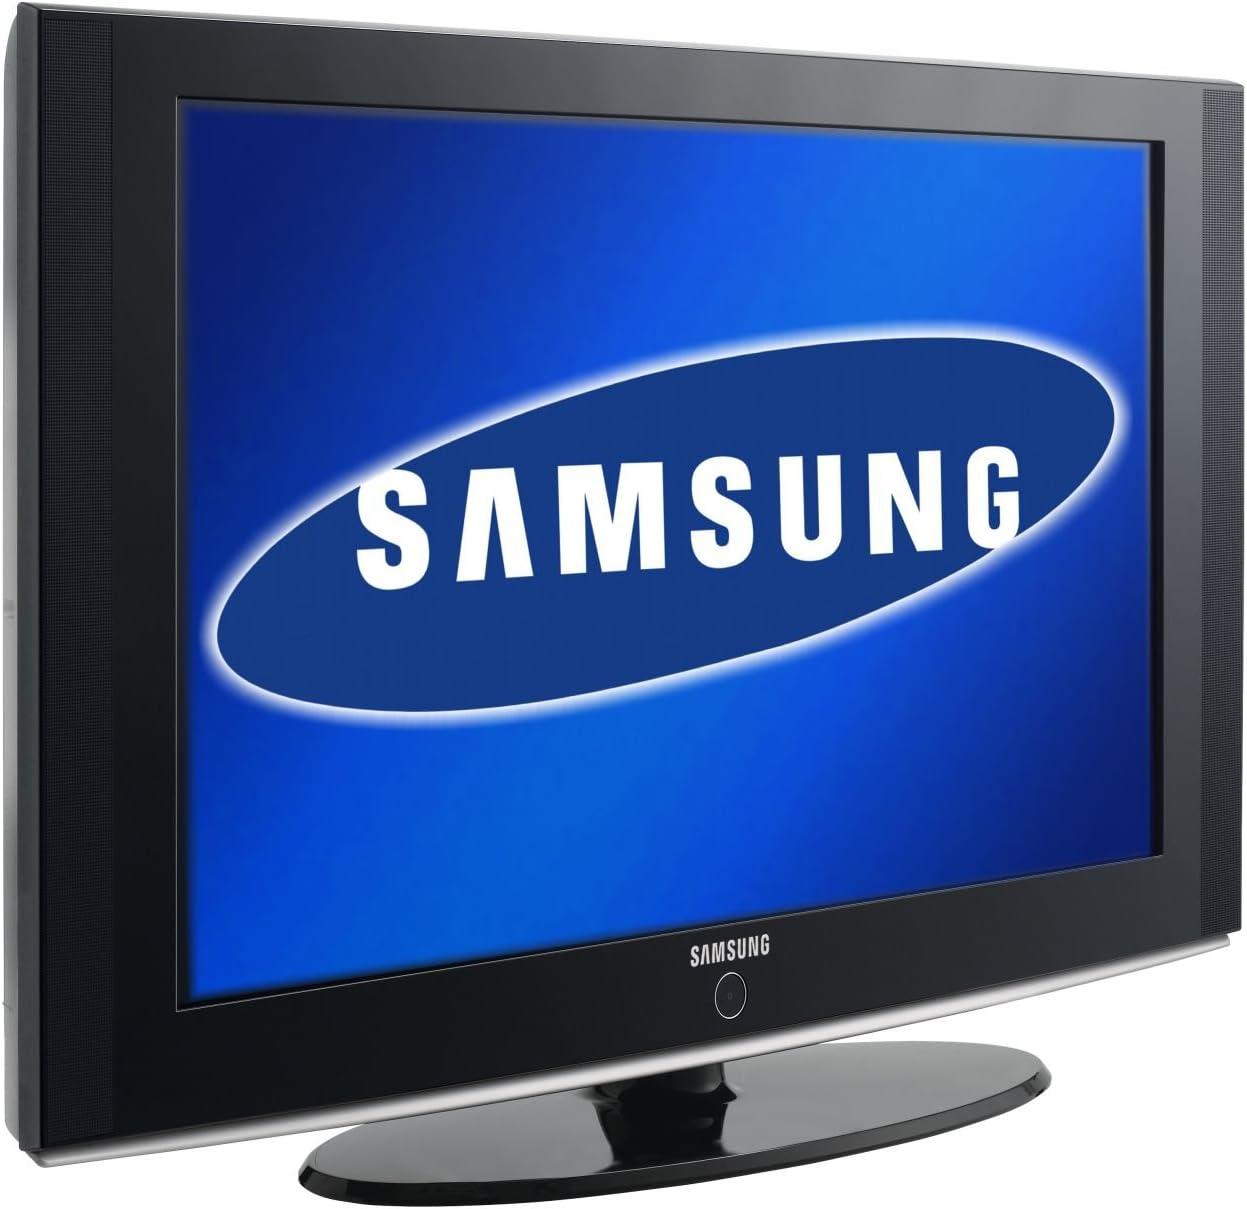 Samsung LE 46 S 86 B - Televisión HD, Pantalla LCD 46 pulgadas: Amazon.es: Electrónica